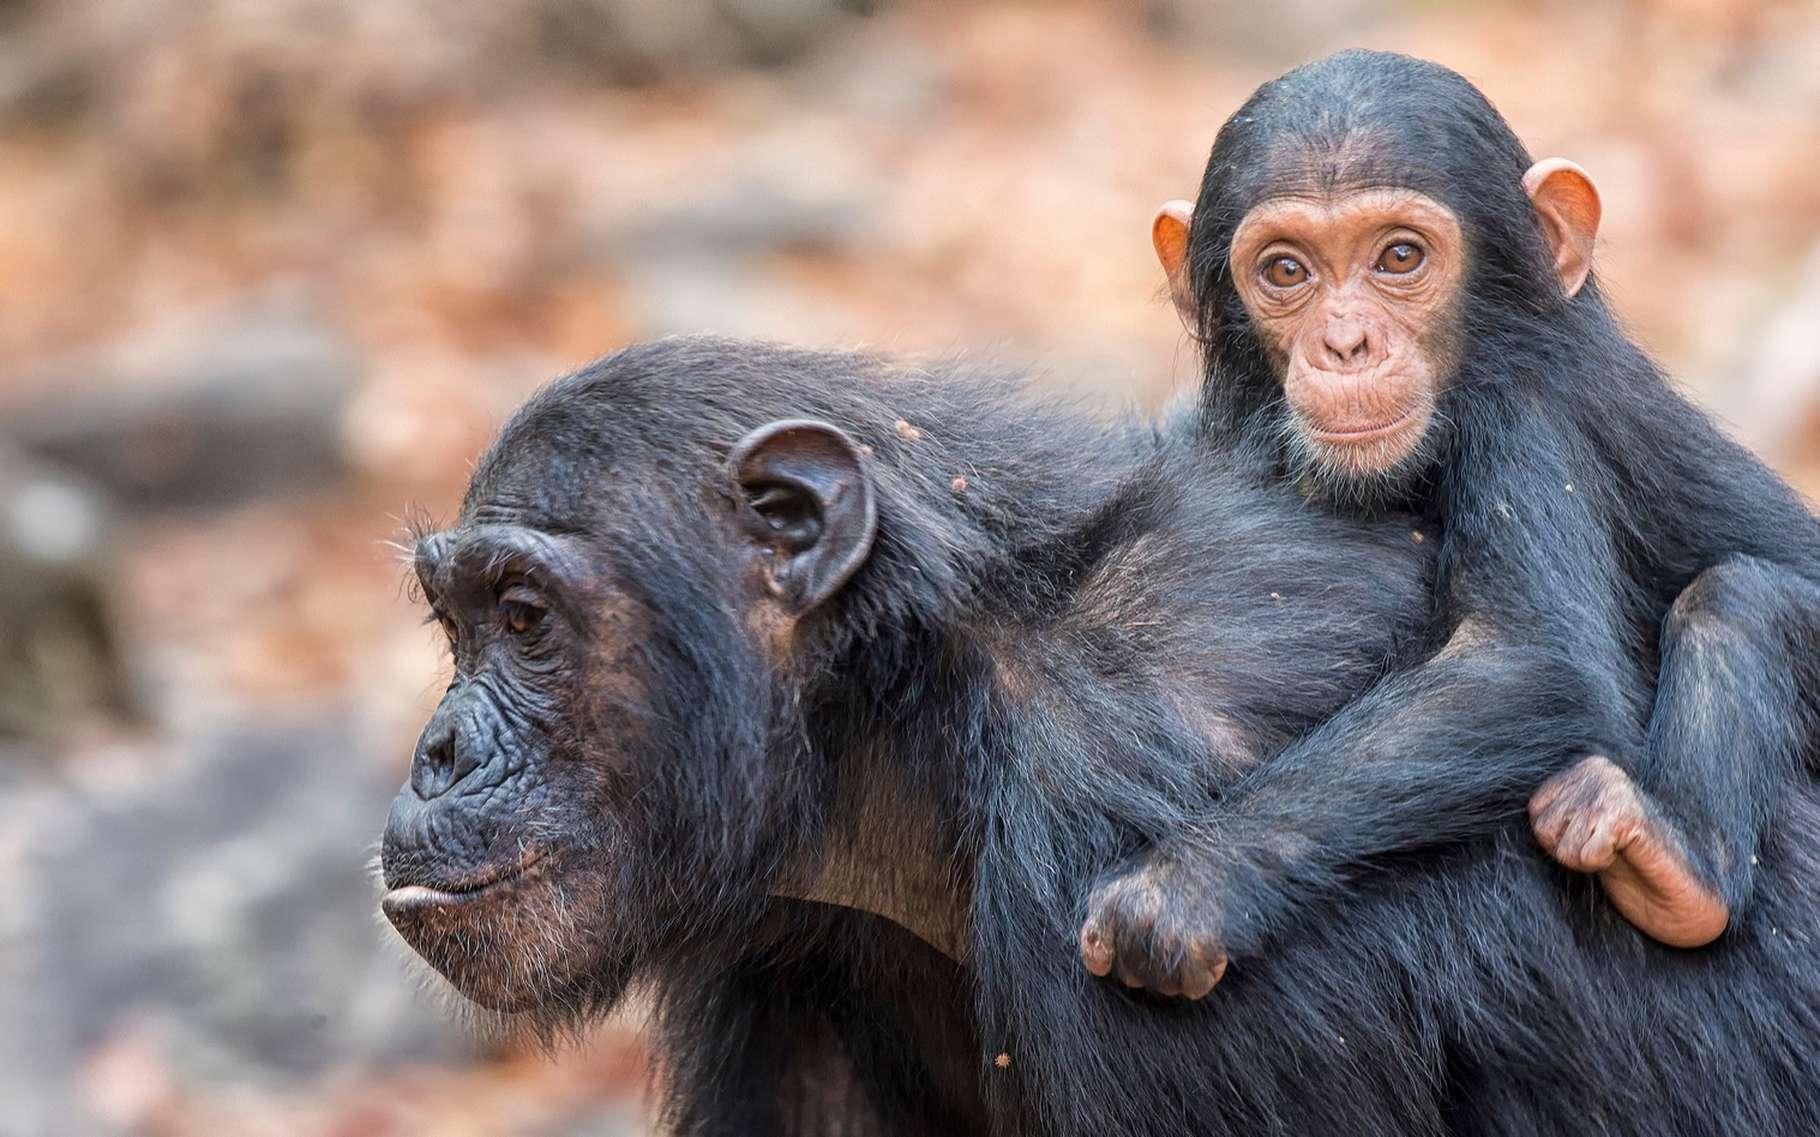 Plus de 60 % des vertébrés ont disparu depuis 1970. Les chimpanzés sont notamment menacés. © sivanadar, Shutterstock